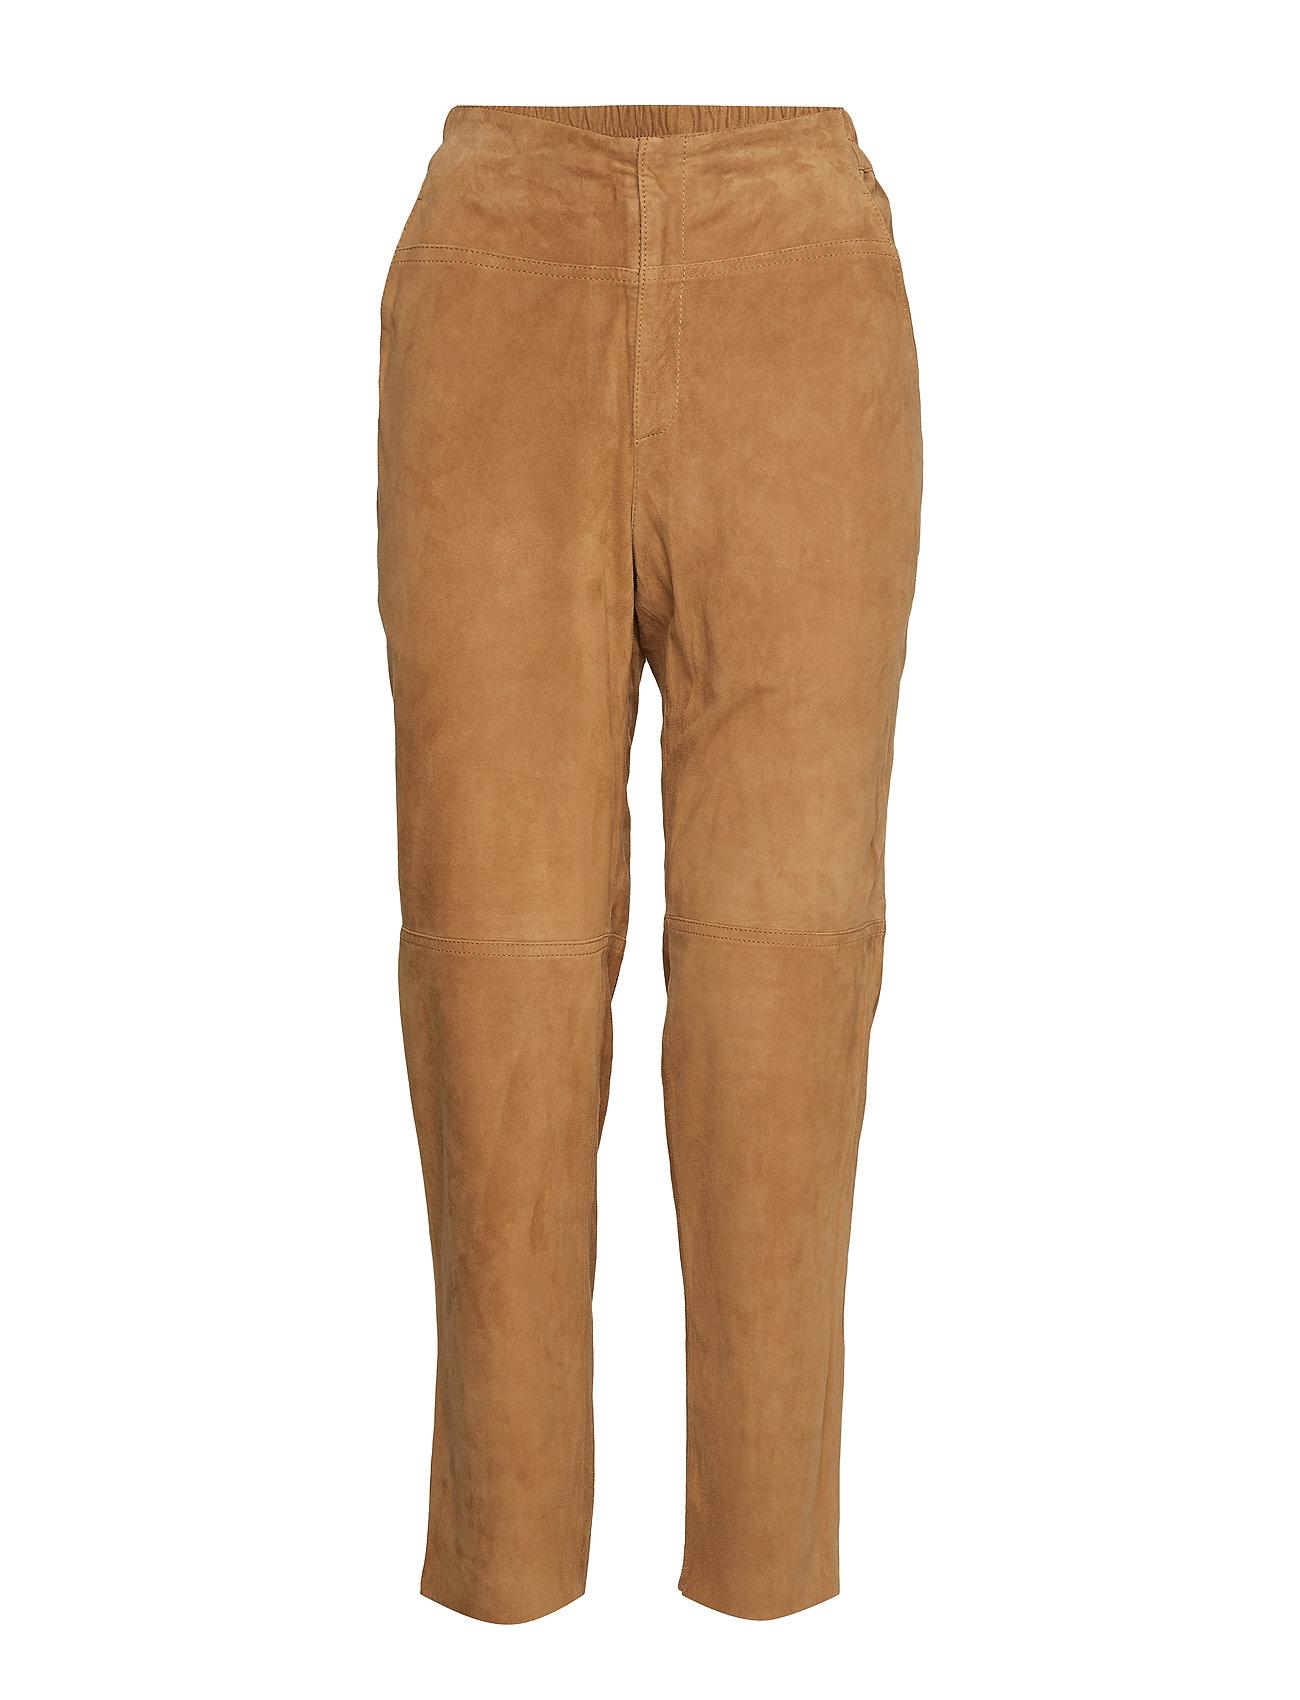 Image of Olivia Suede Pants Bukser Med Lige Ben Beige LEXINGTON CLOTHING (3211641071)